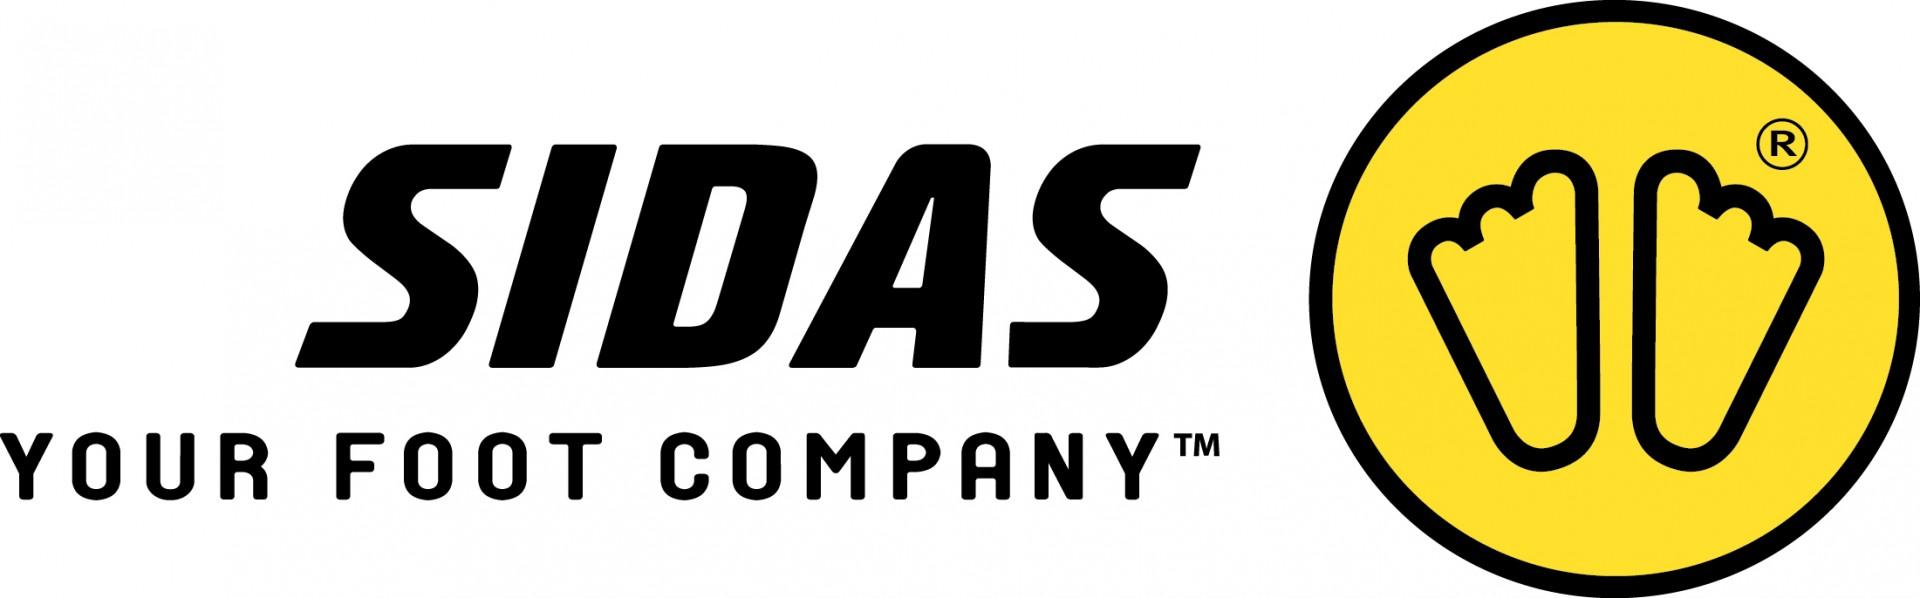 Sponsor Logo SIDAS